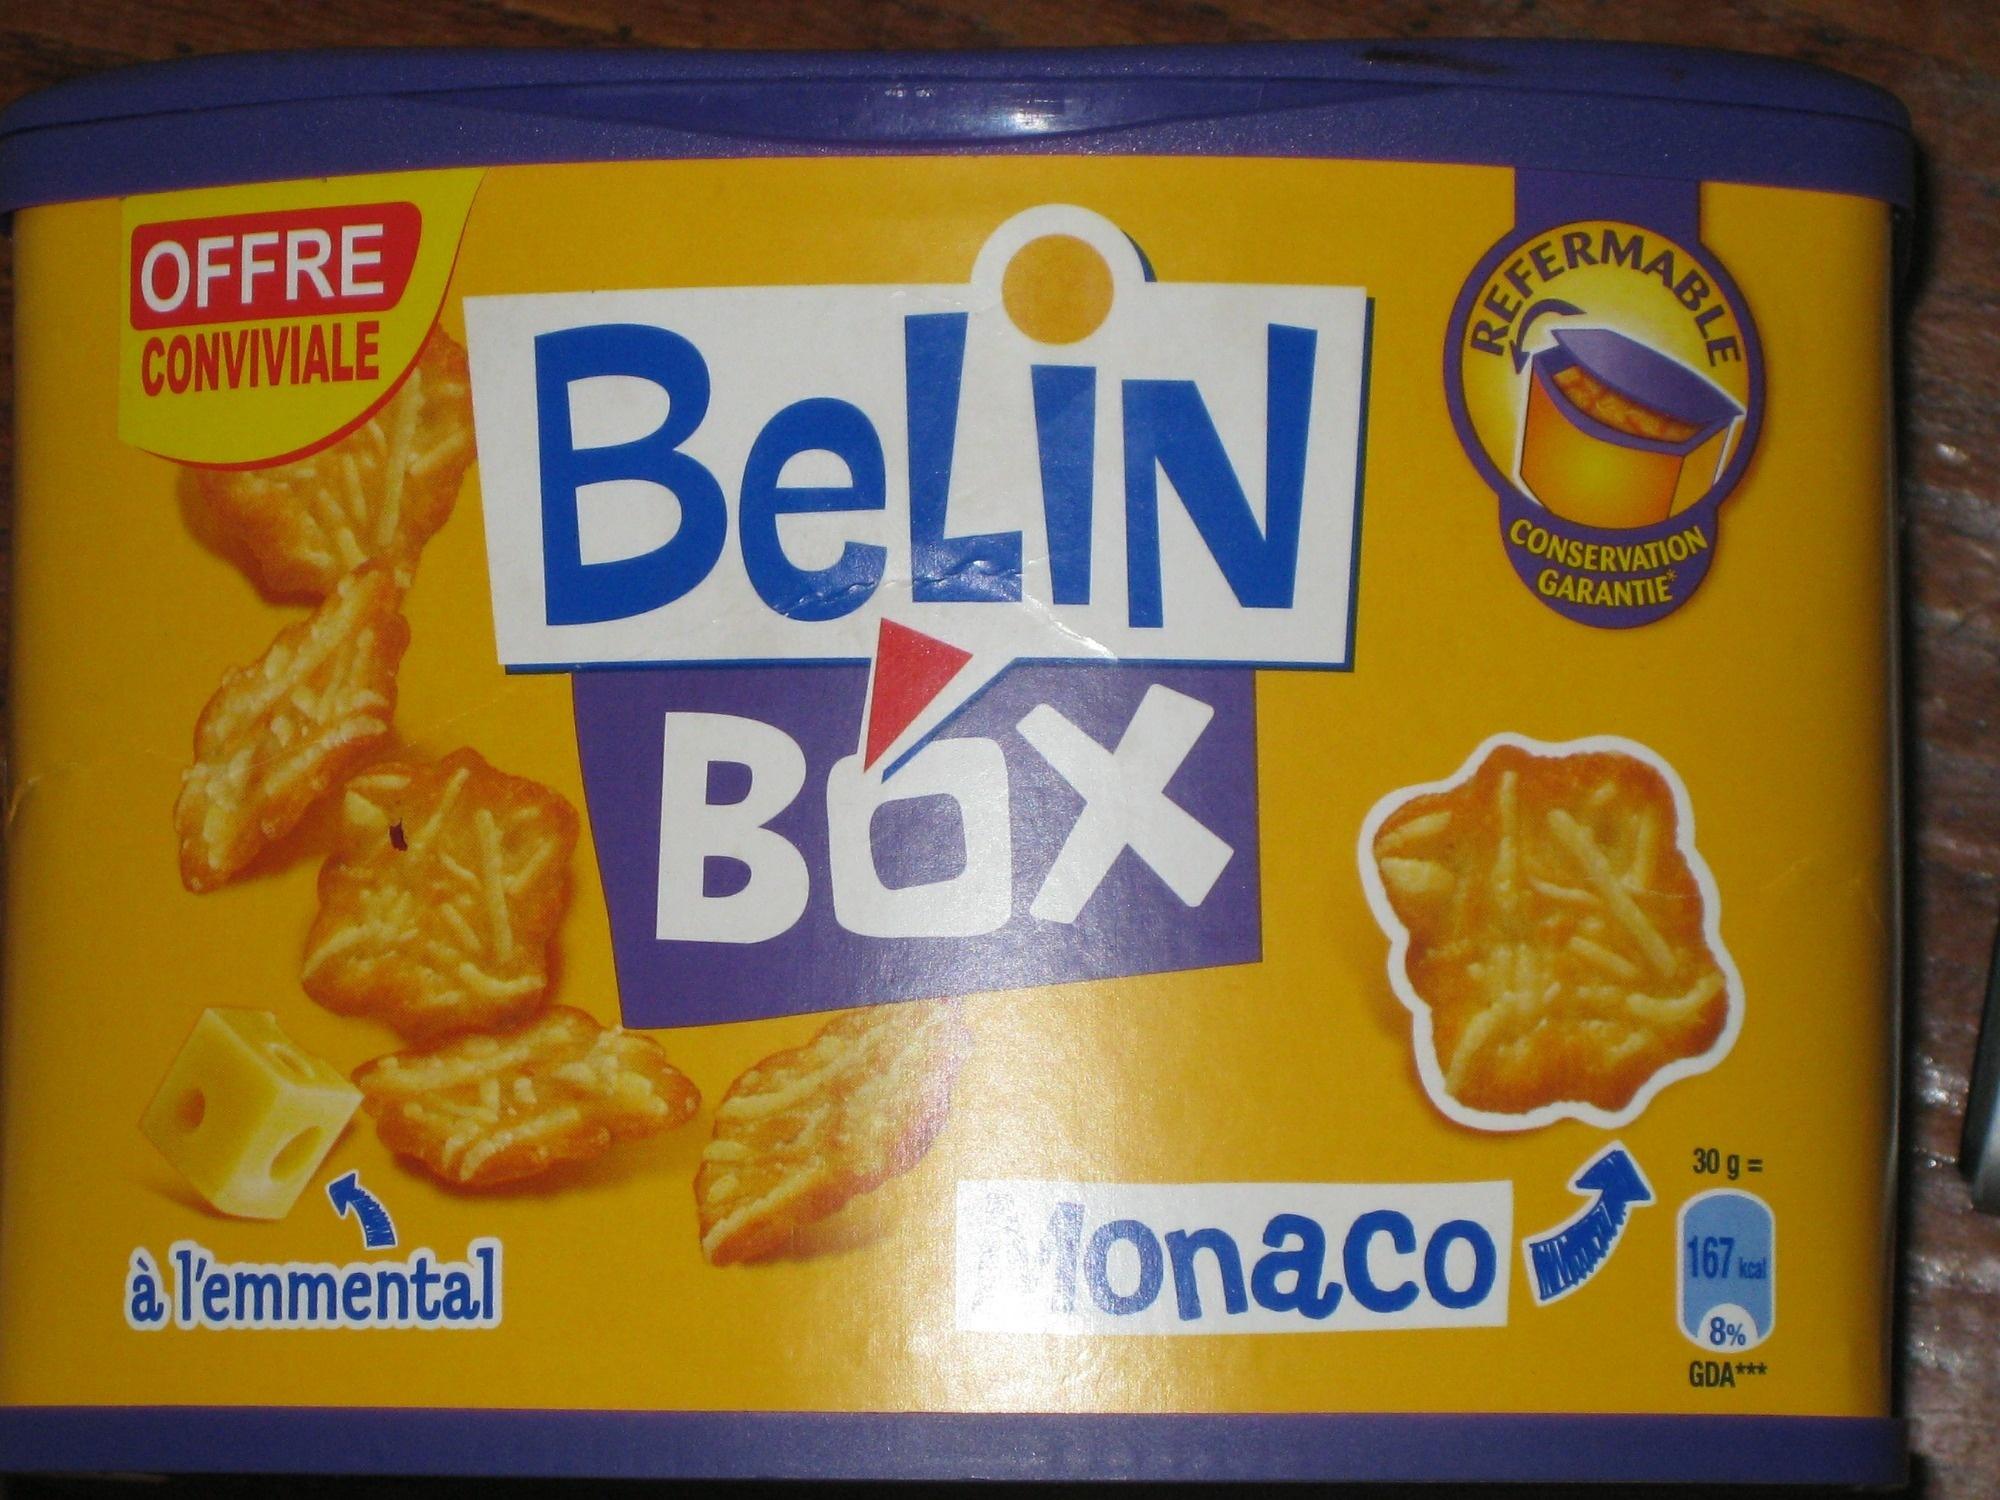 Monaco à l'emmental (Belin Box) -